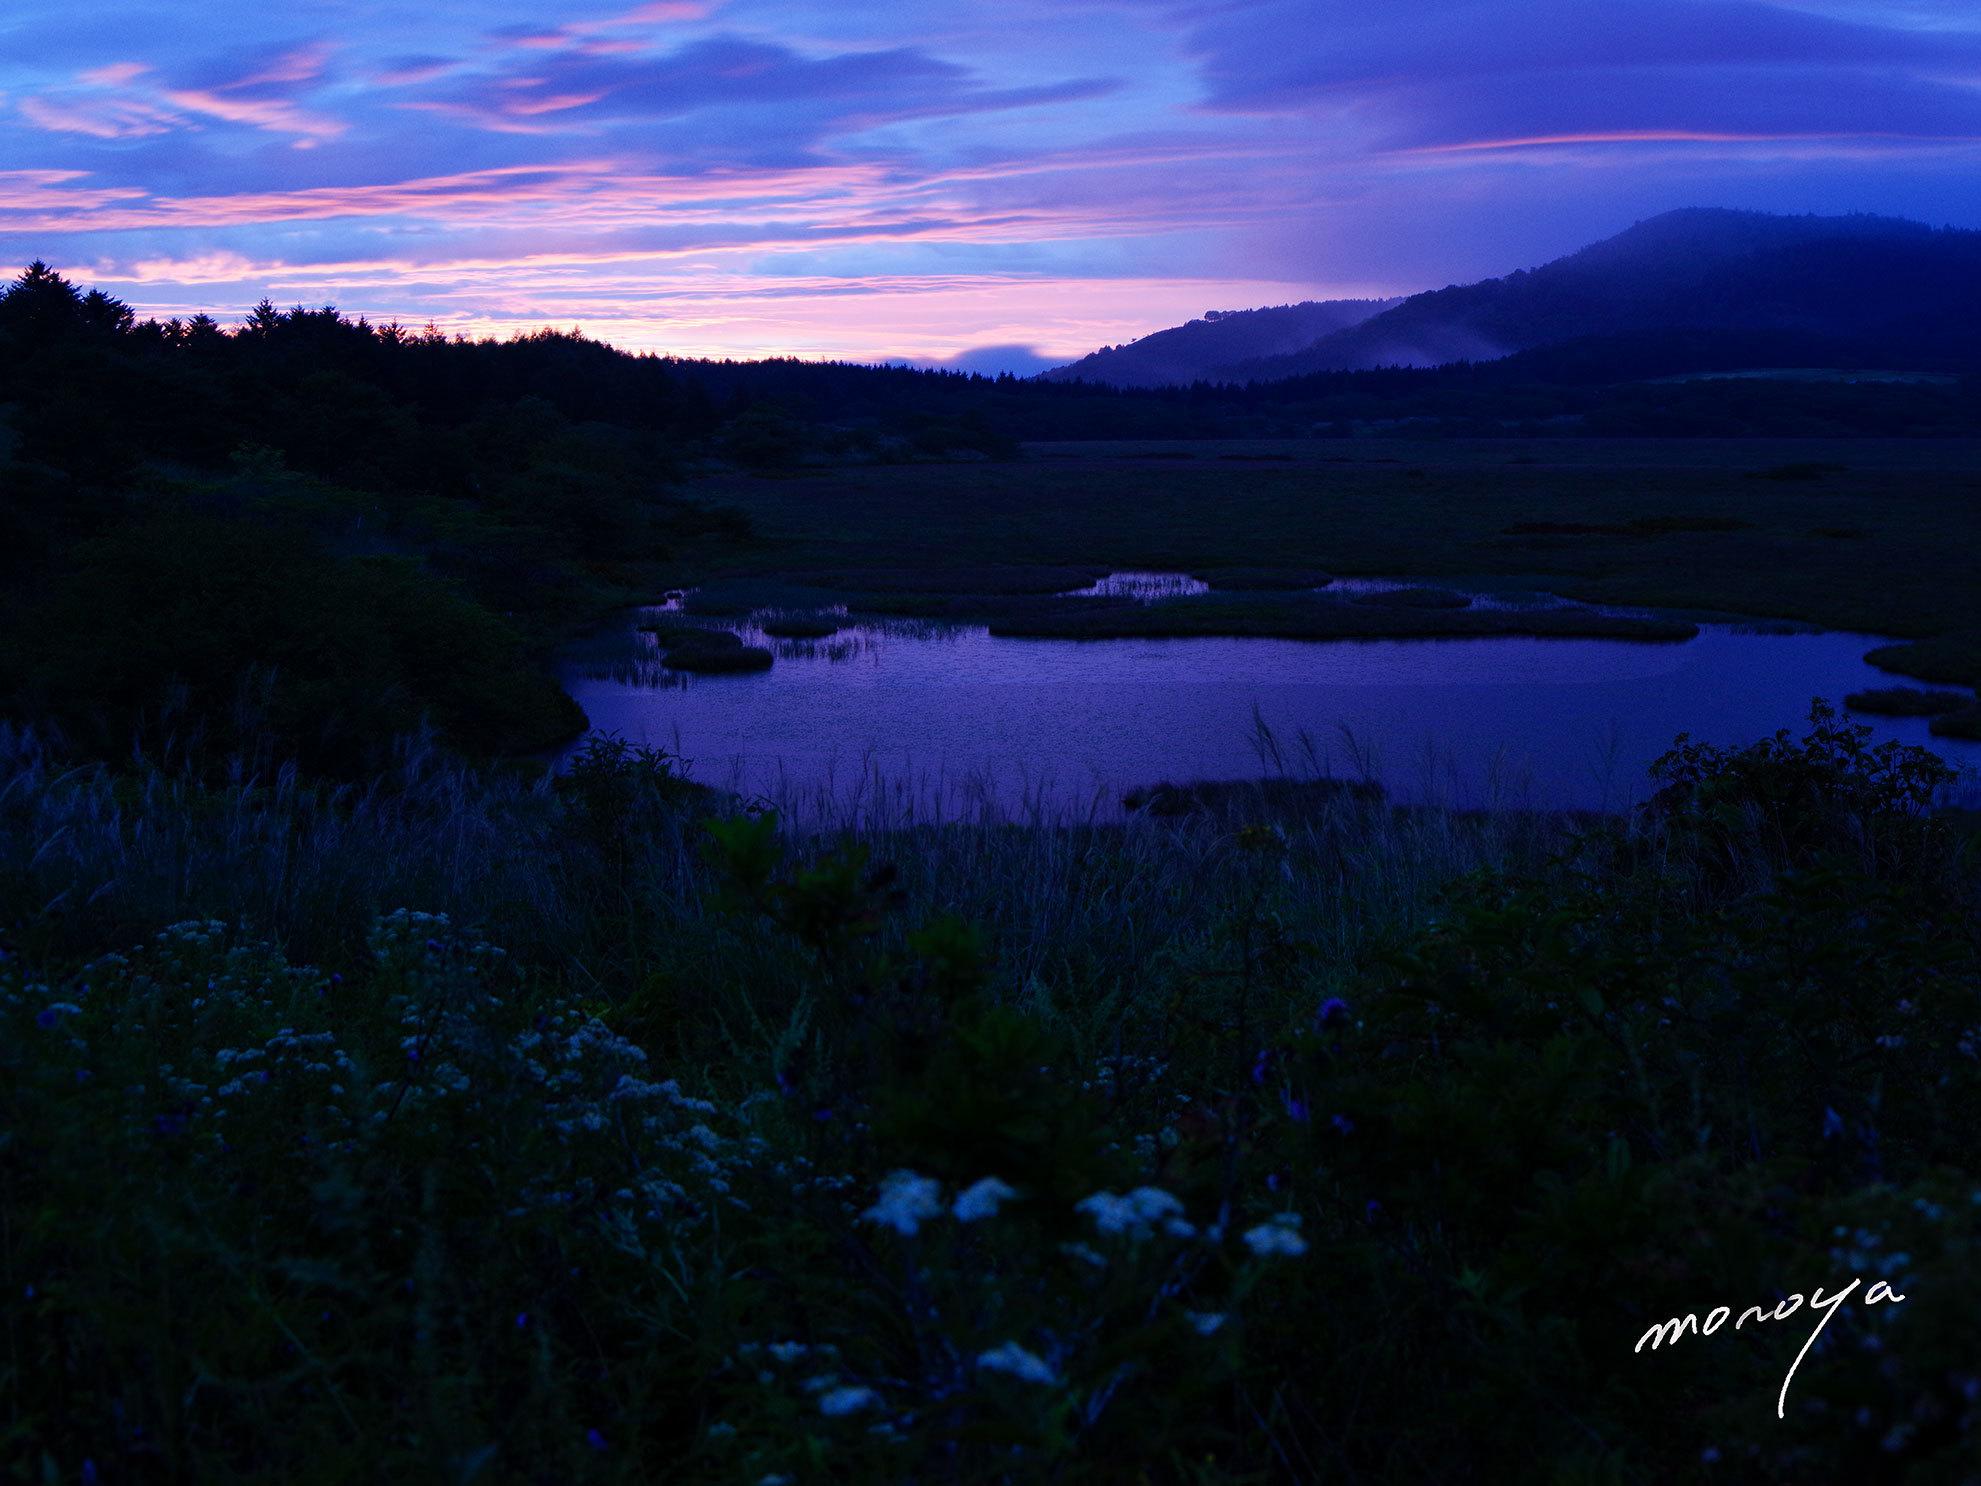 湿原の夜明け_c0085877_06181146.jpg